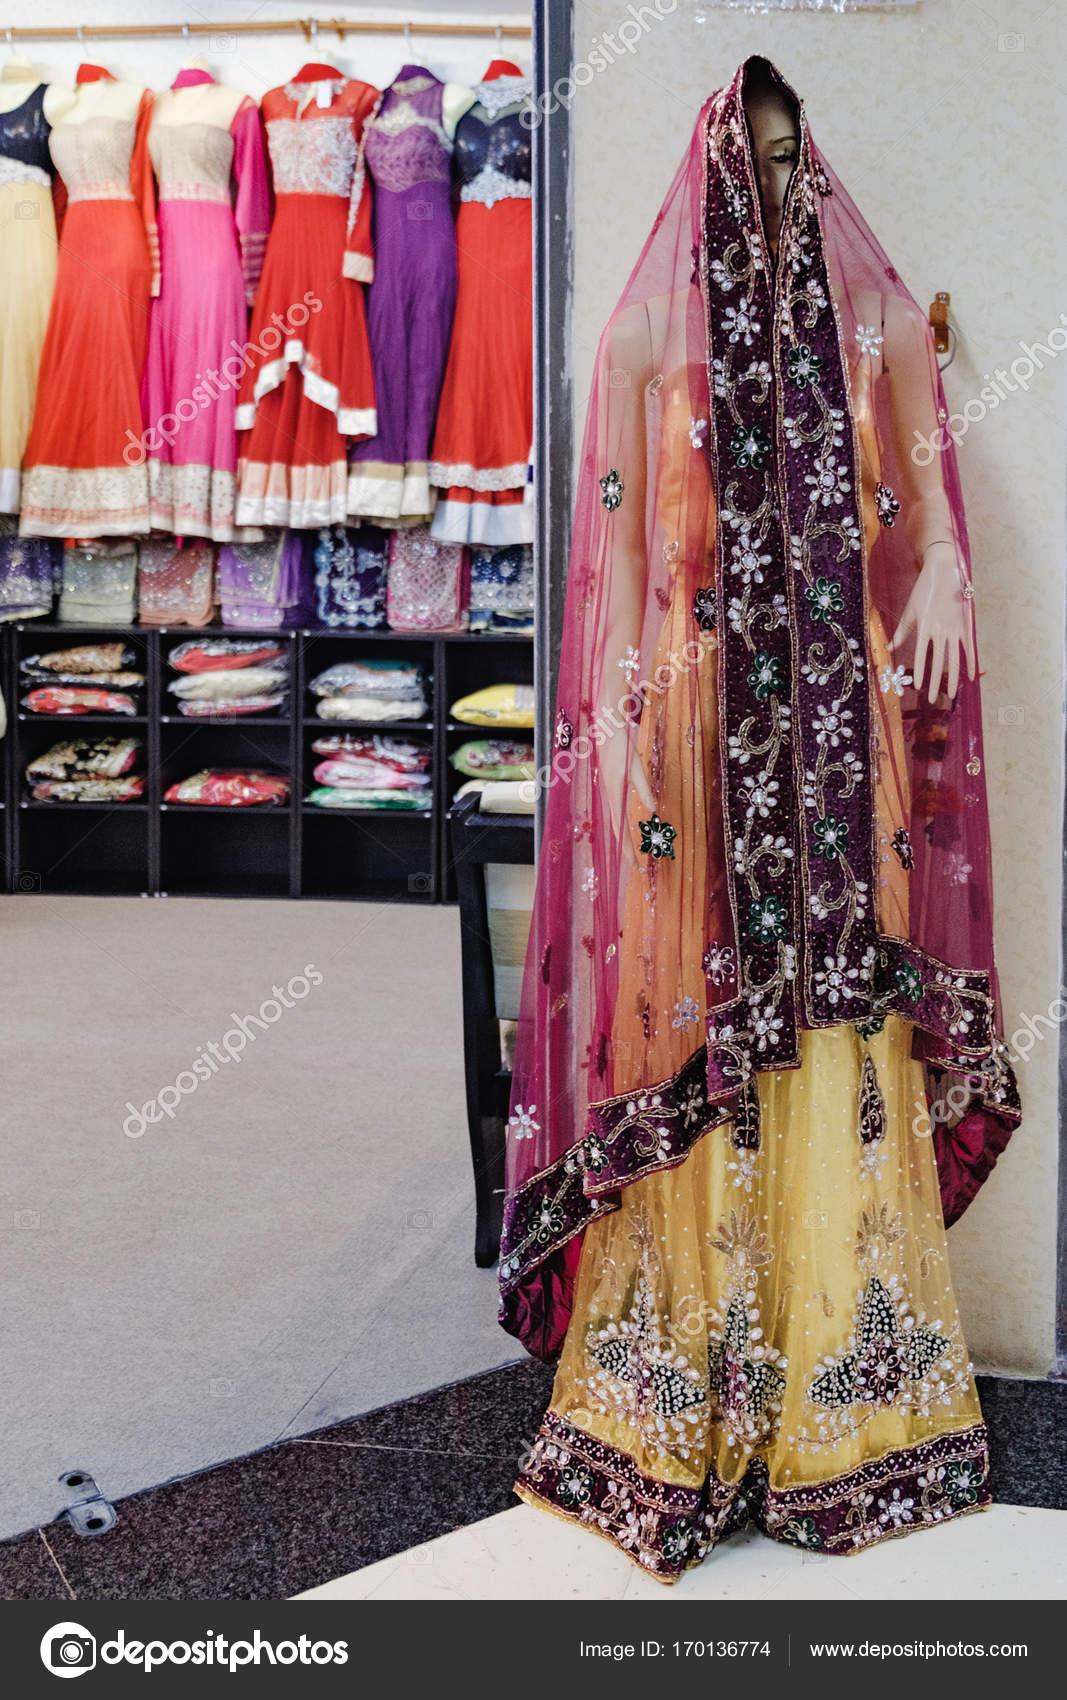 Te Koop Kinderkleding.Traditionele Indiase Kleding Van De Vrouw Te Koop Redactionele